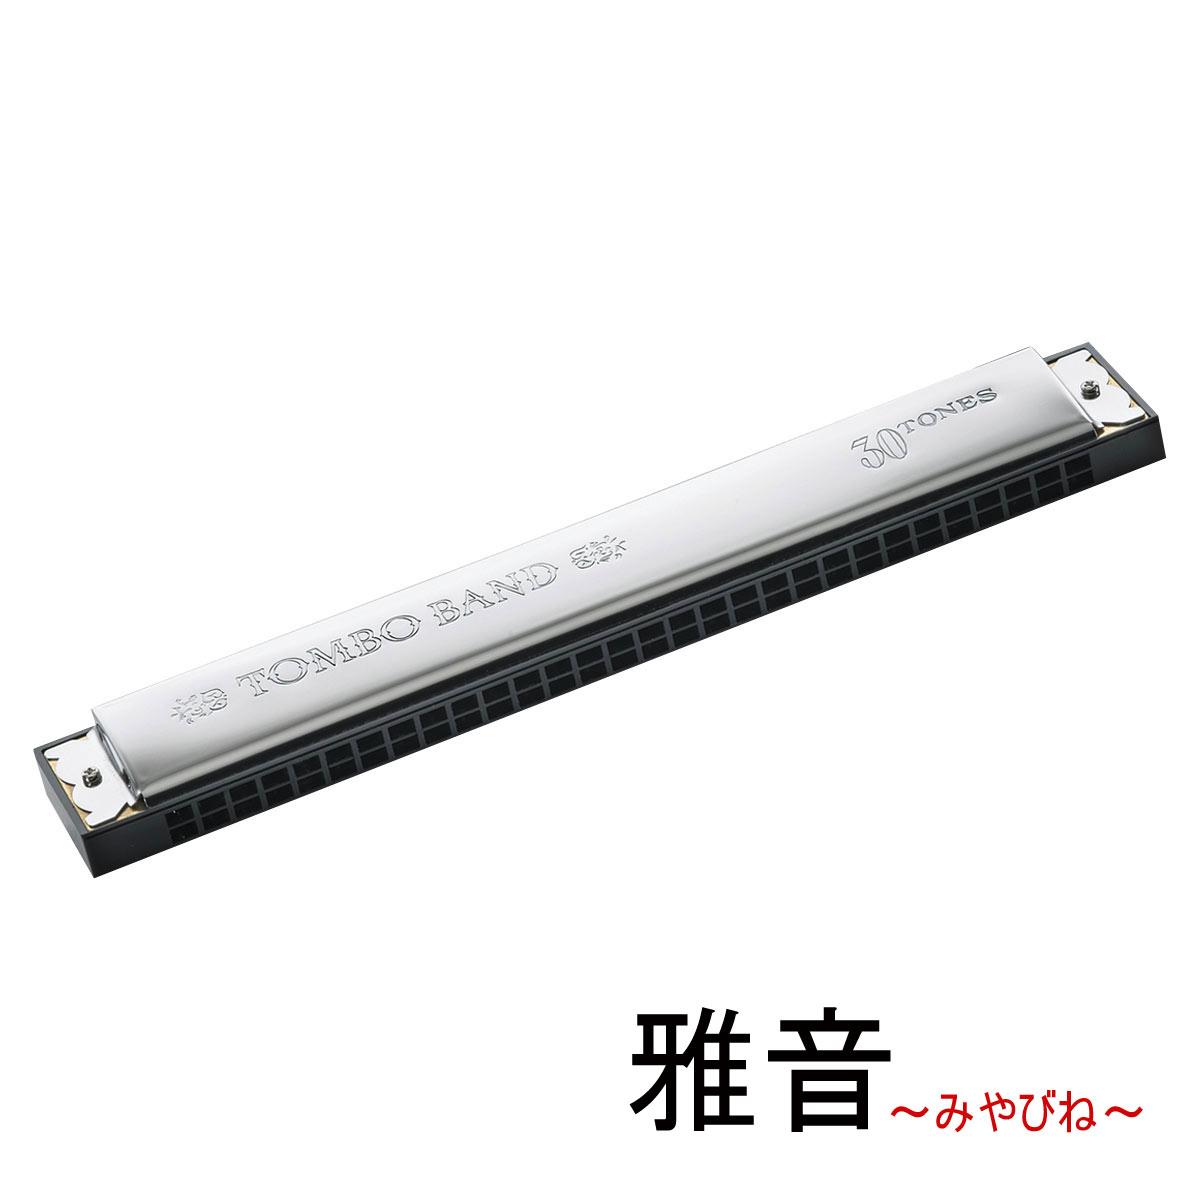 TOMBO / 3330 雅音 みやびね トンボ 民謡ハーモニカ 【お取り寄せ】